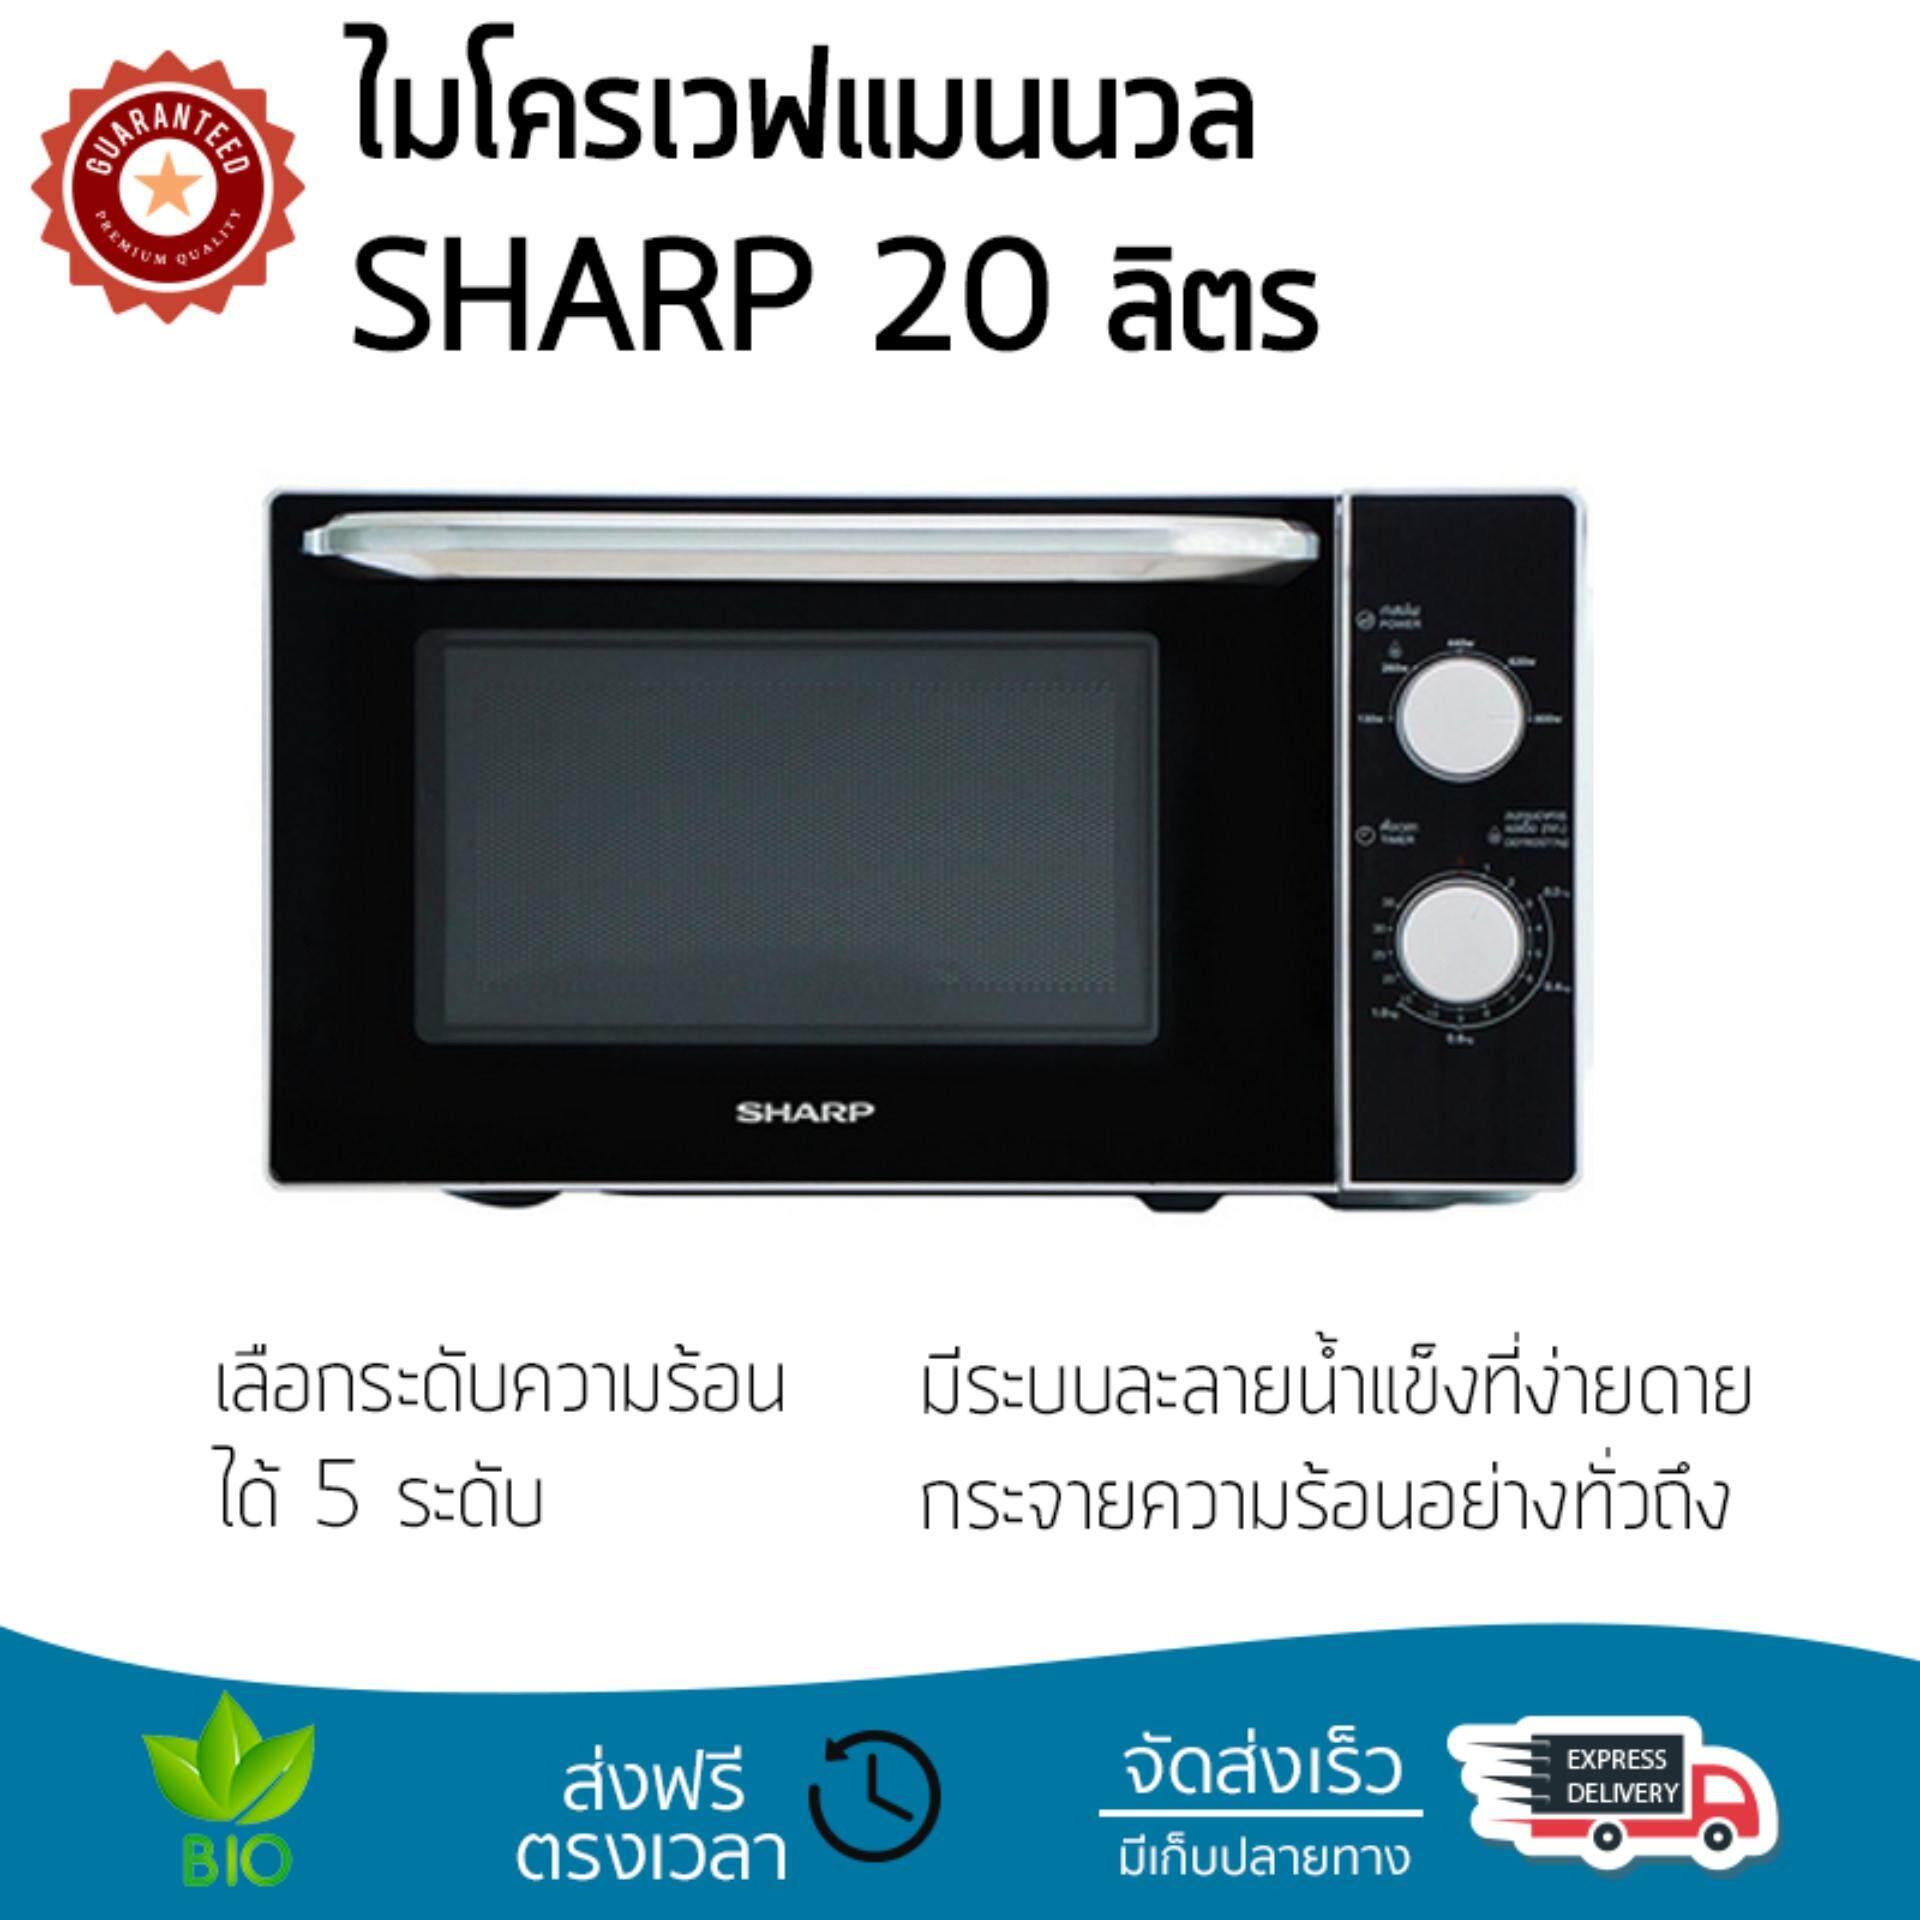 รุ่นใหม่ล่าสุด ไมโครเวฟ เตาอบไมโครเวฟ ไมโครเวฟแมนนวล SHARP R-2200F-S 20 ลิตร | SHARP | R-2200F-S ปรับระดับความร้อนได้หลายระดับ  มีฟังก์ชันละลายน้ำแข็ง ใช้งานง่าย Microwave จัดส่งฟรีทั่วประเทศ